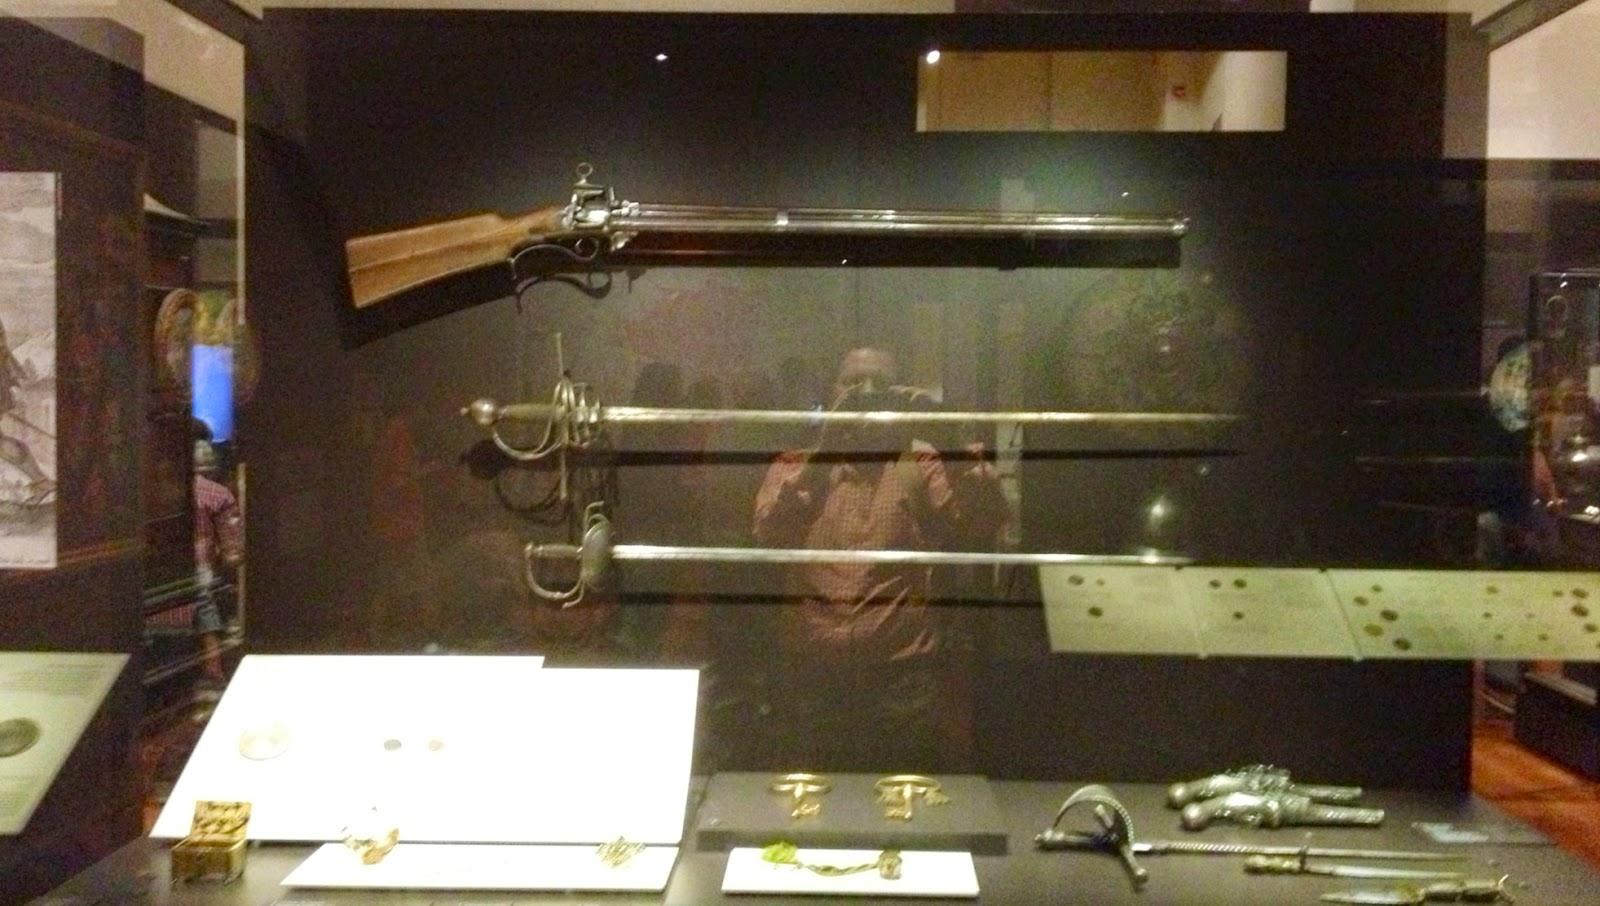 Armamento de los gloriosos tercios españoles - Tercios Españoles - Tercios - Museo Arqueológico Nacional - MAN - Madrid el troblogdita